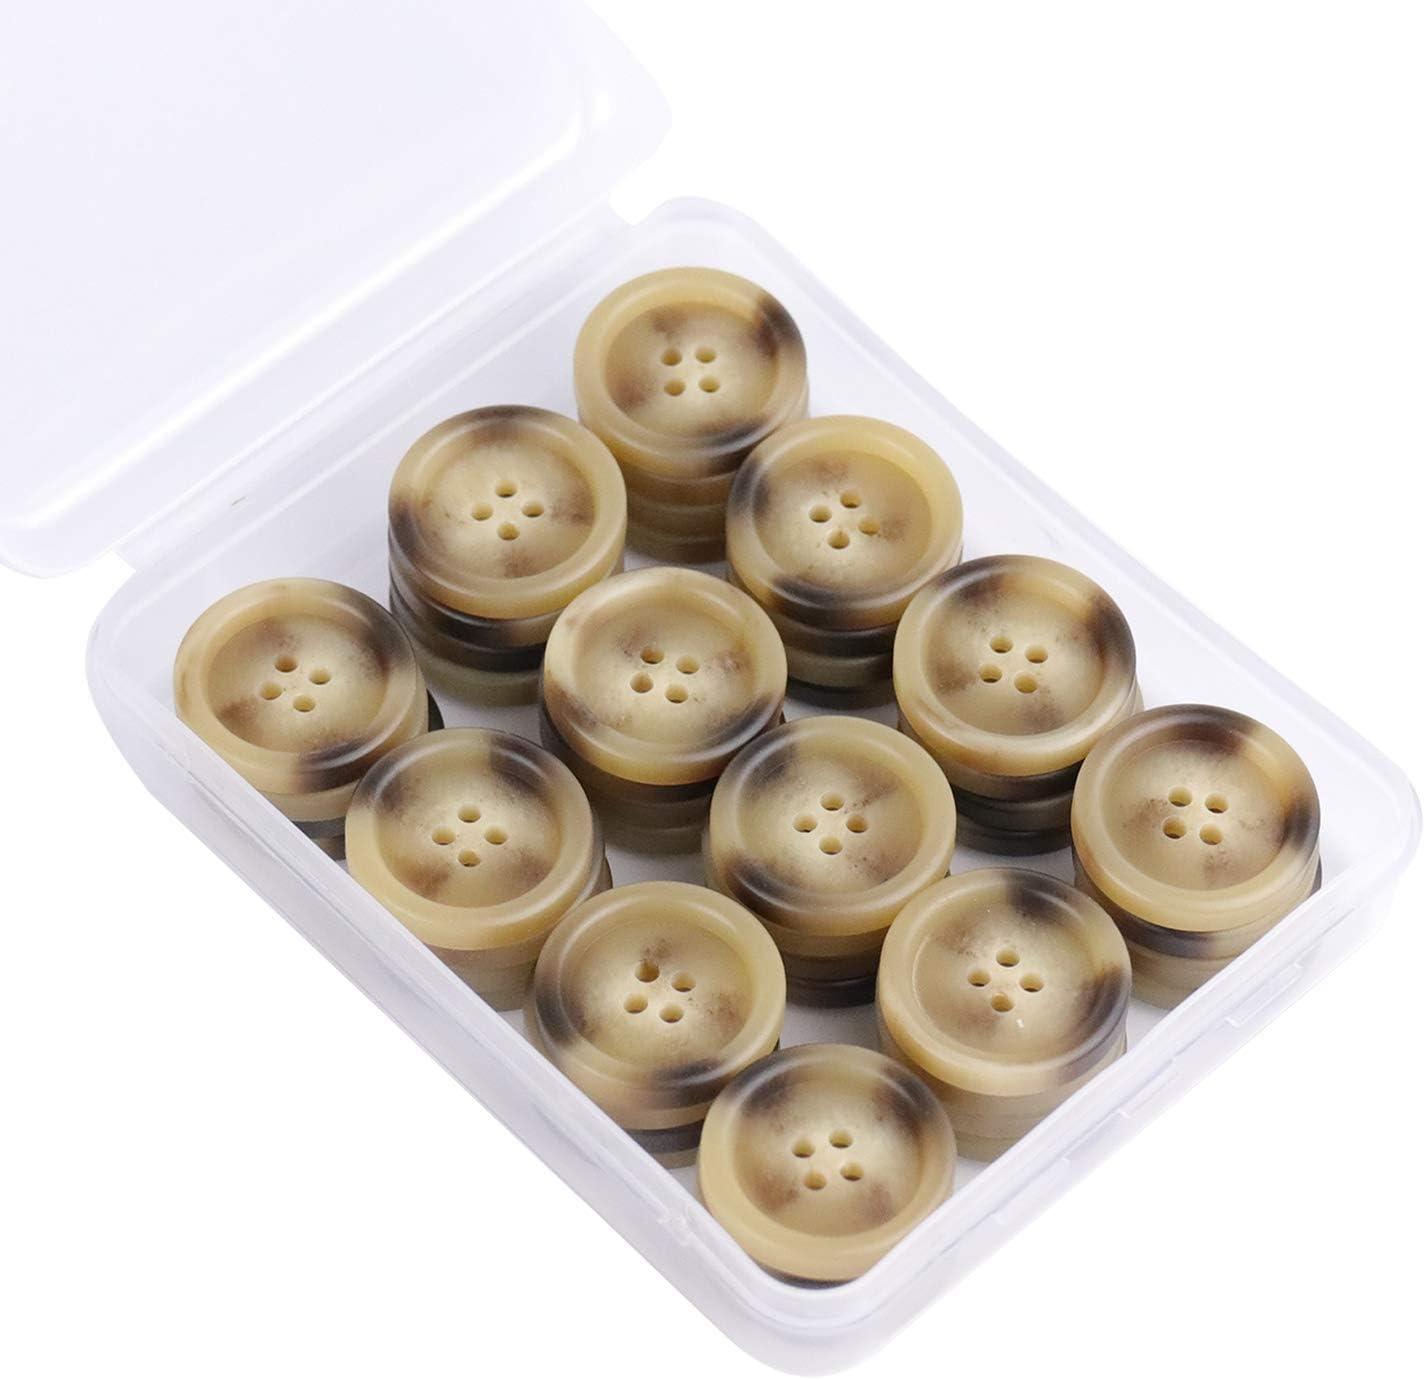 SUNTATOP Conjunto de Botones de Resina de 15 mm 150 Botones de 4 Orificios con Patr/ón de Cuerno para Camisa de Abrigo u Otra Ropa y Decoraci/ón